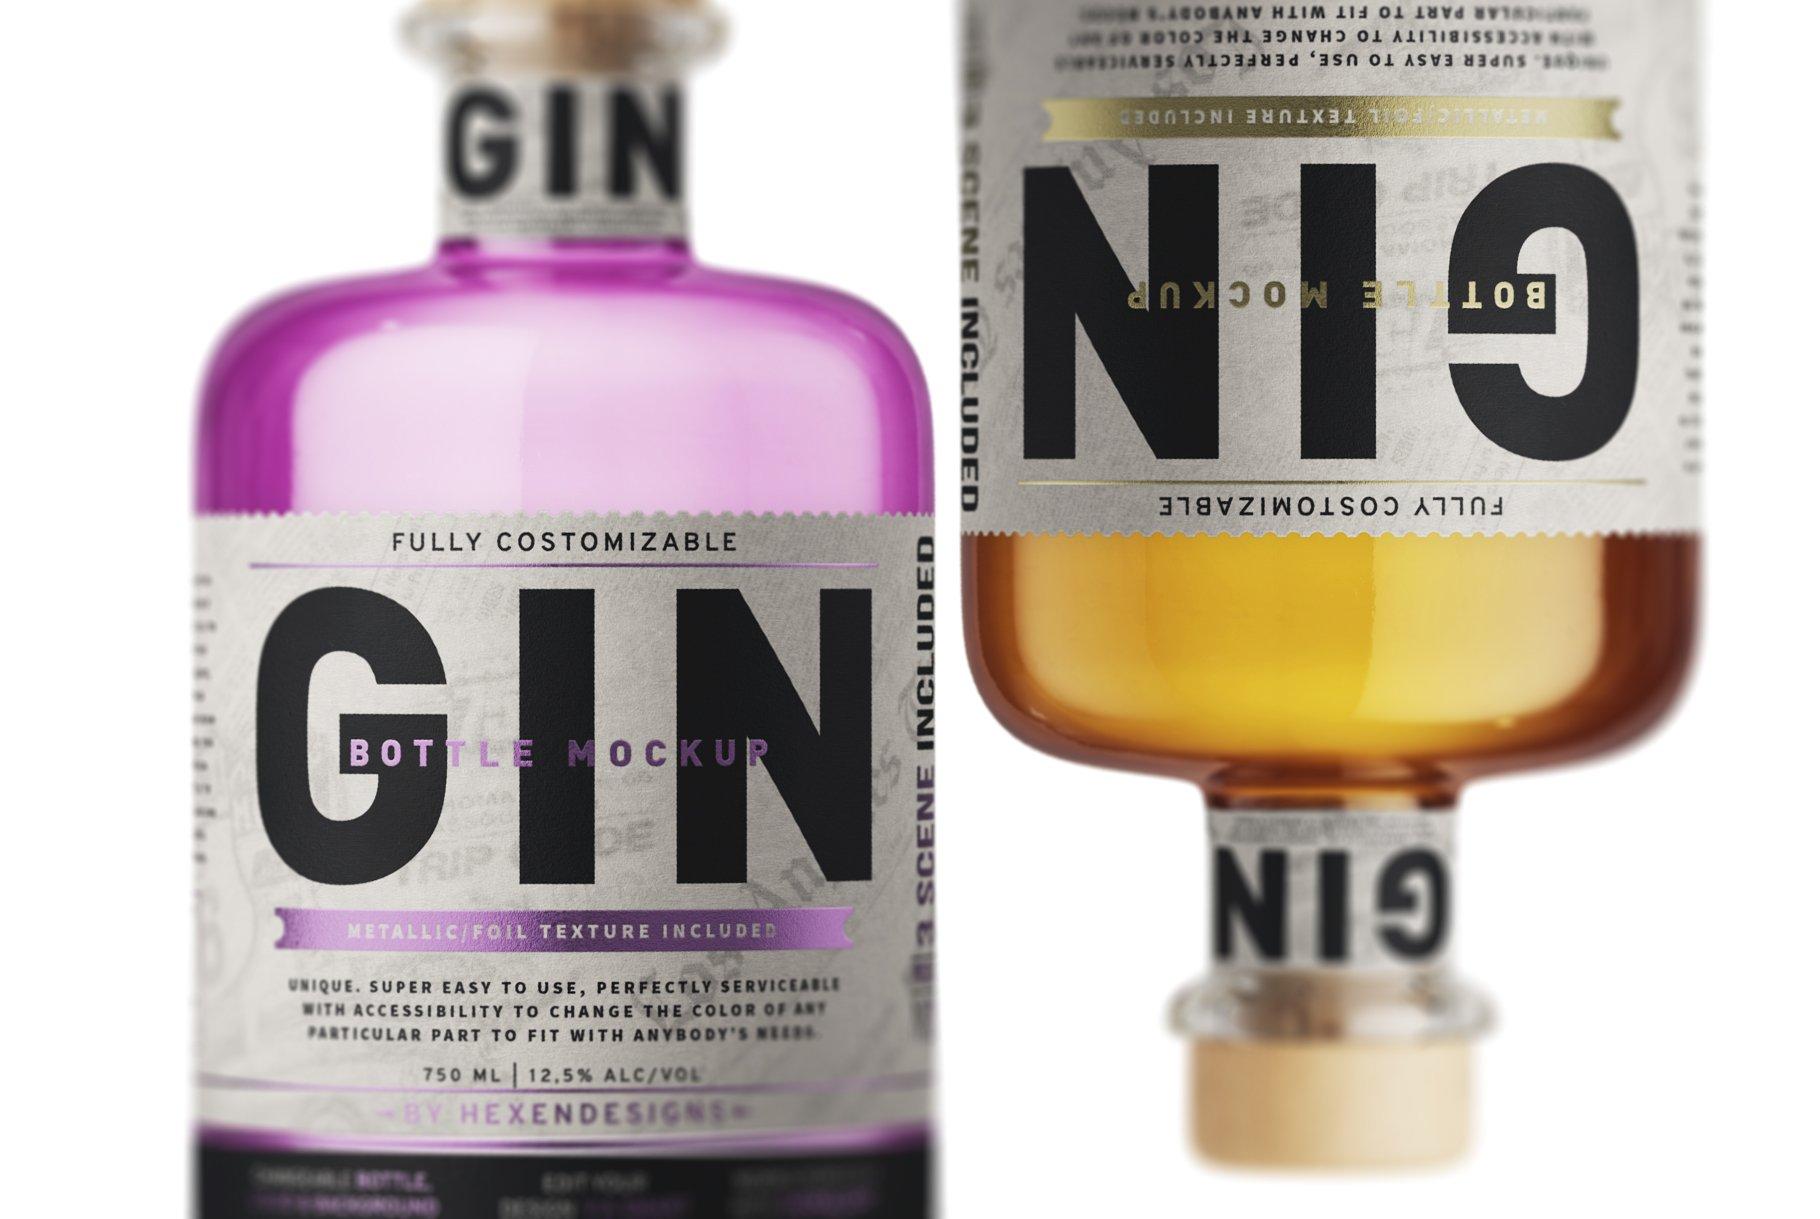 杜松子玻璃酒瓶标签设计展示样机模板 Gin Bottle Mockup插图(5)